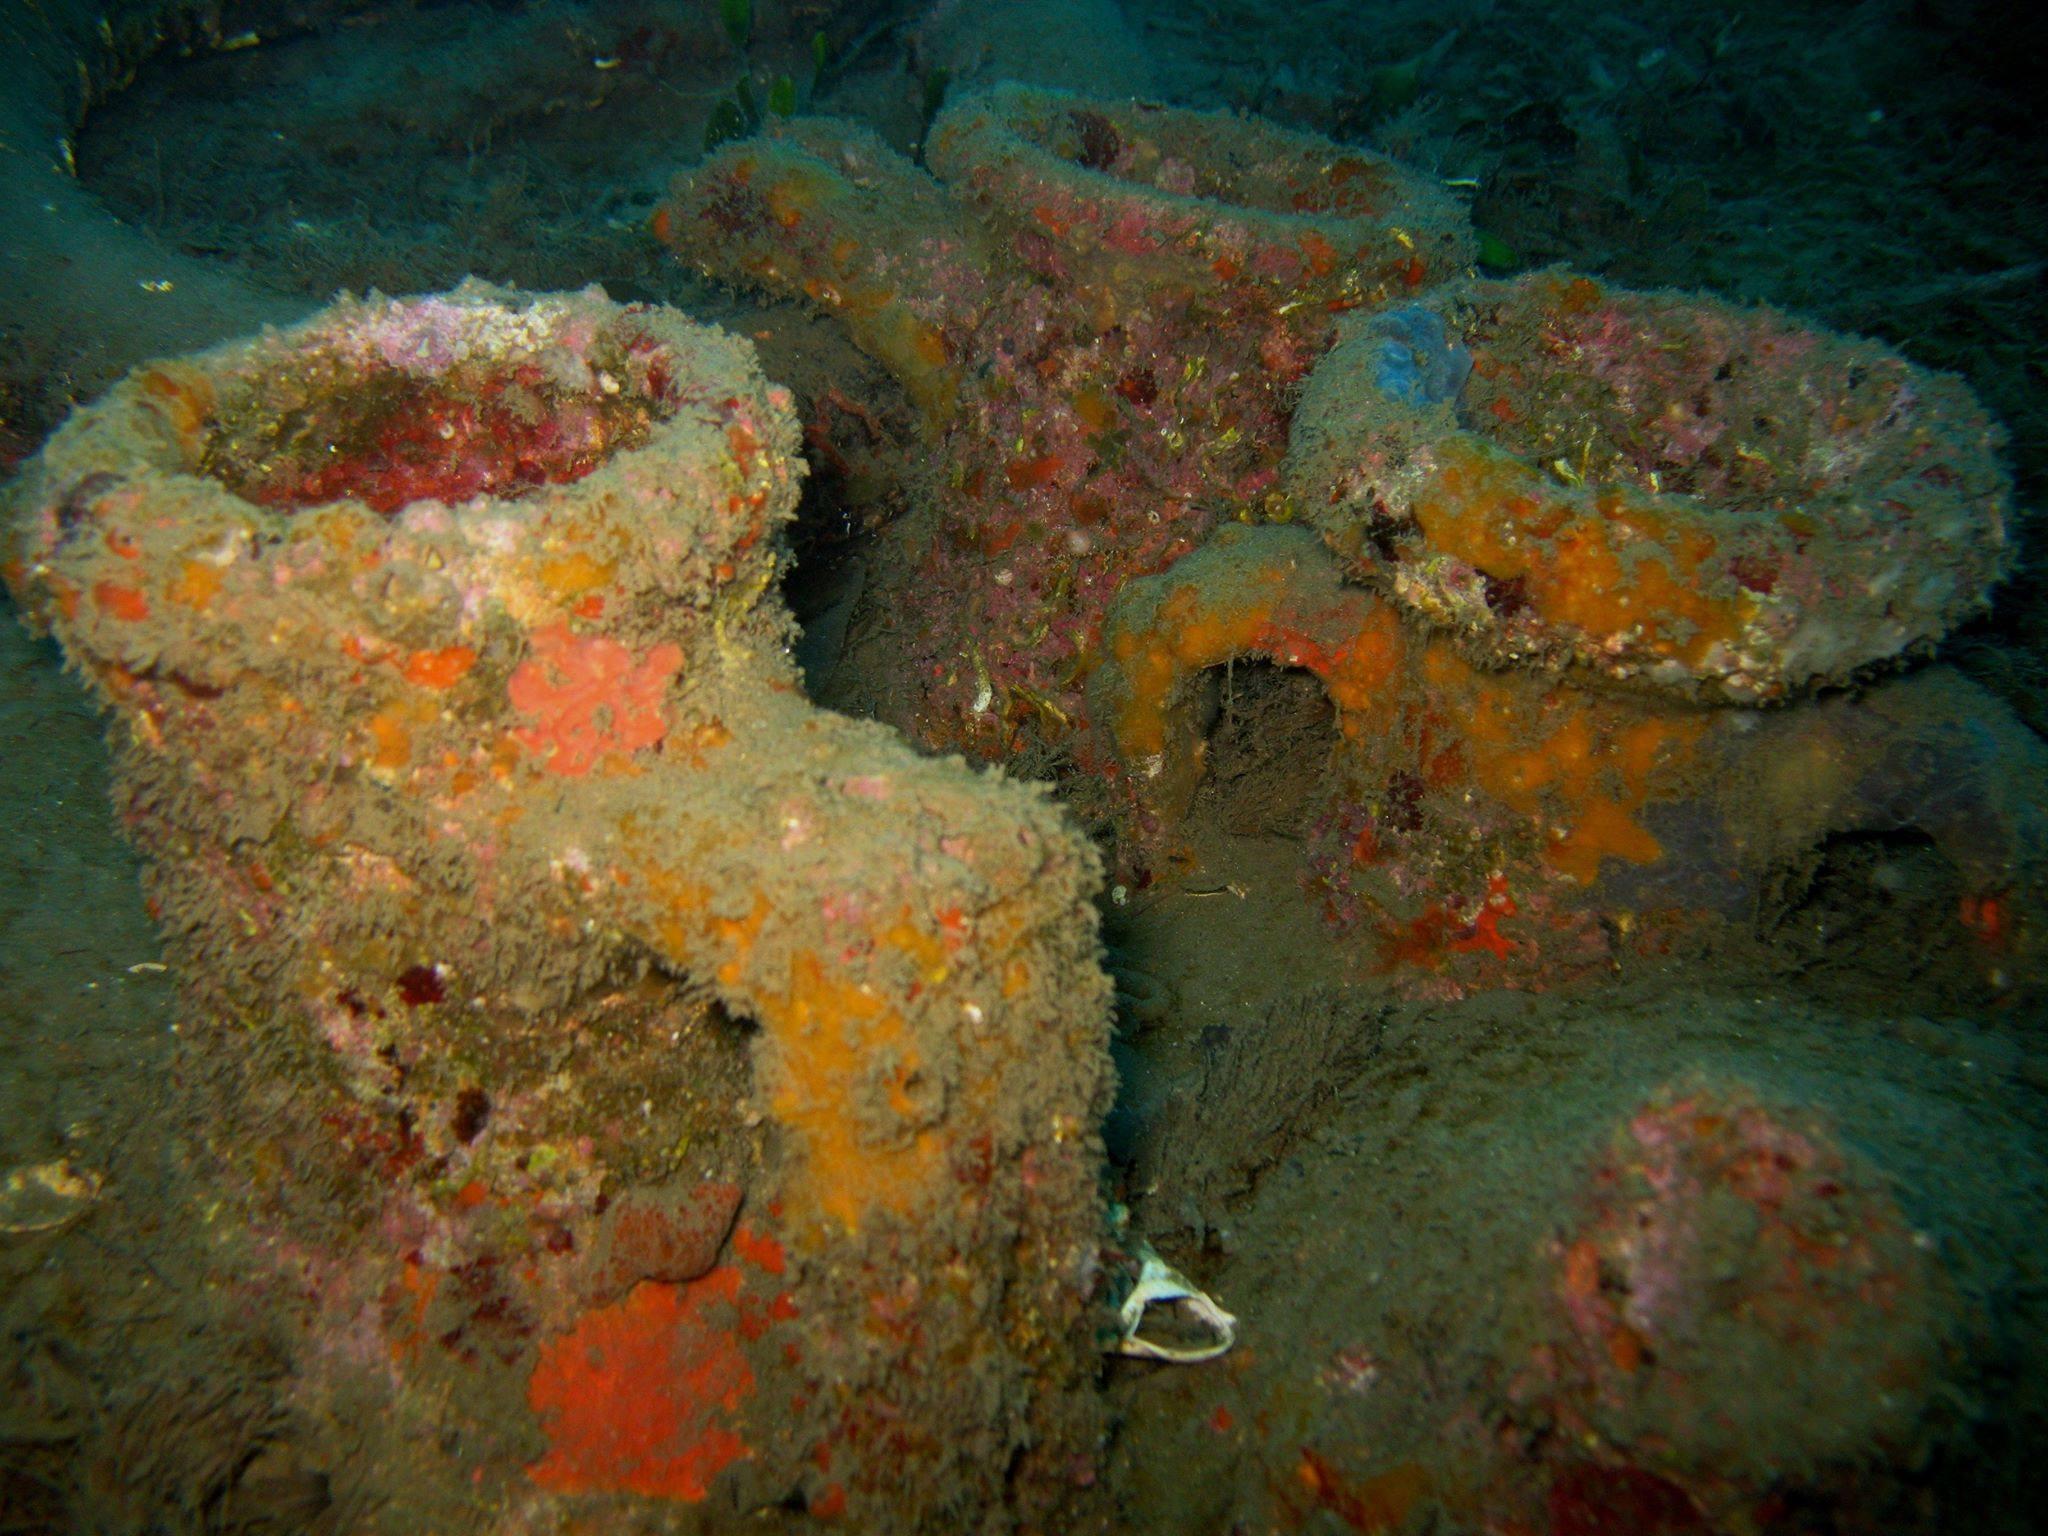 Bacoli: La nave oneraria romana di Marina Grande, una storia cominciata quasi duemila anni fa – parte I – di Ciro Amoroso